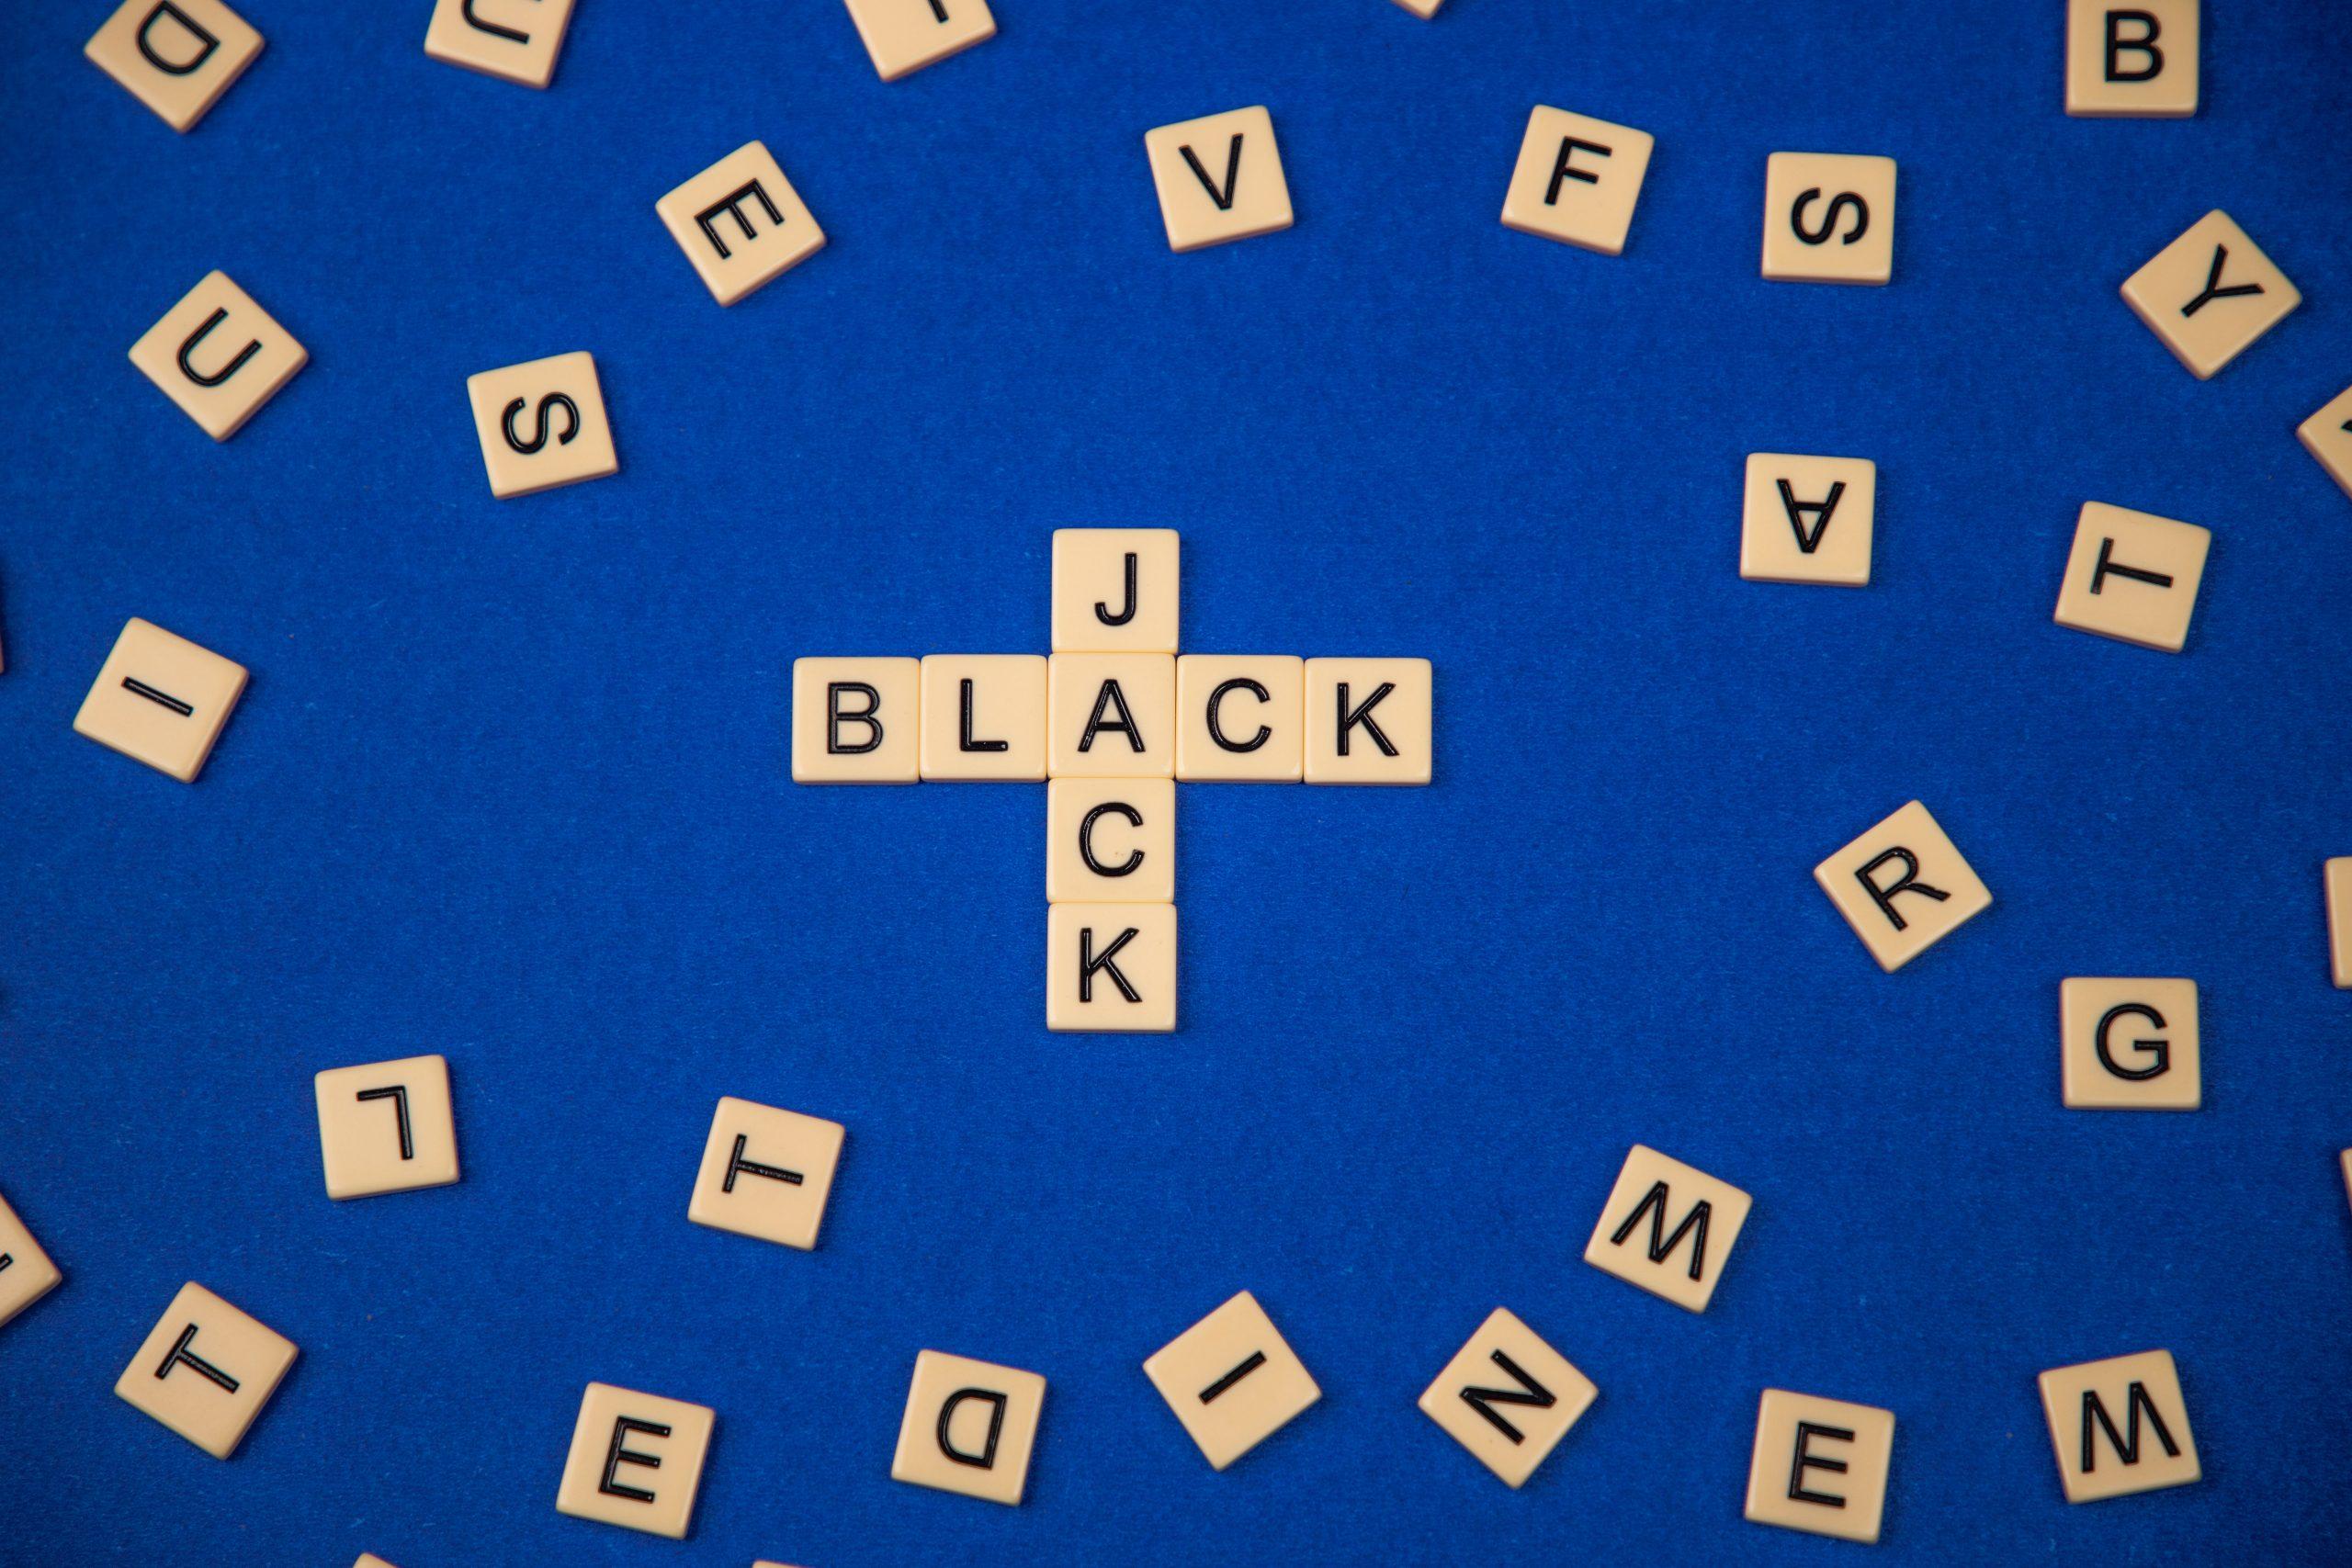 Blackjack written with scrabble